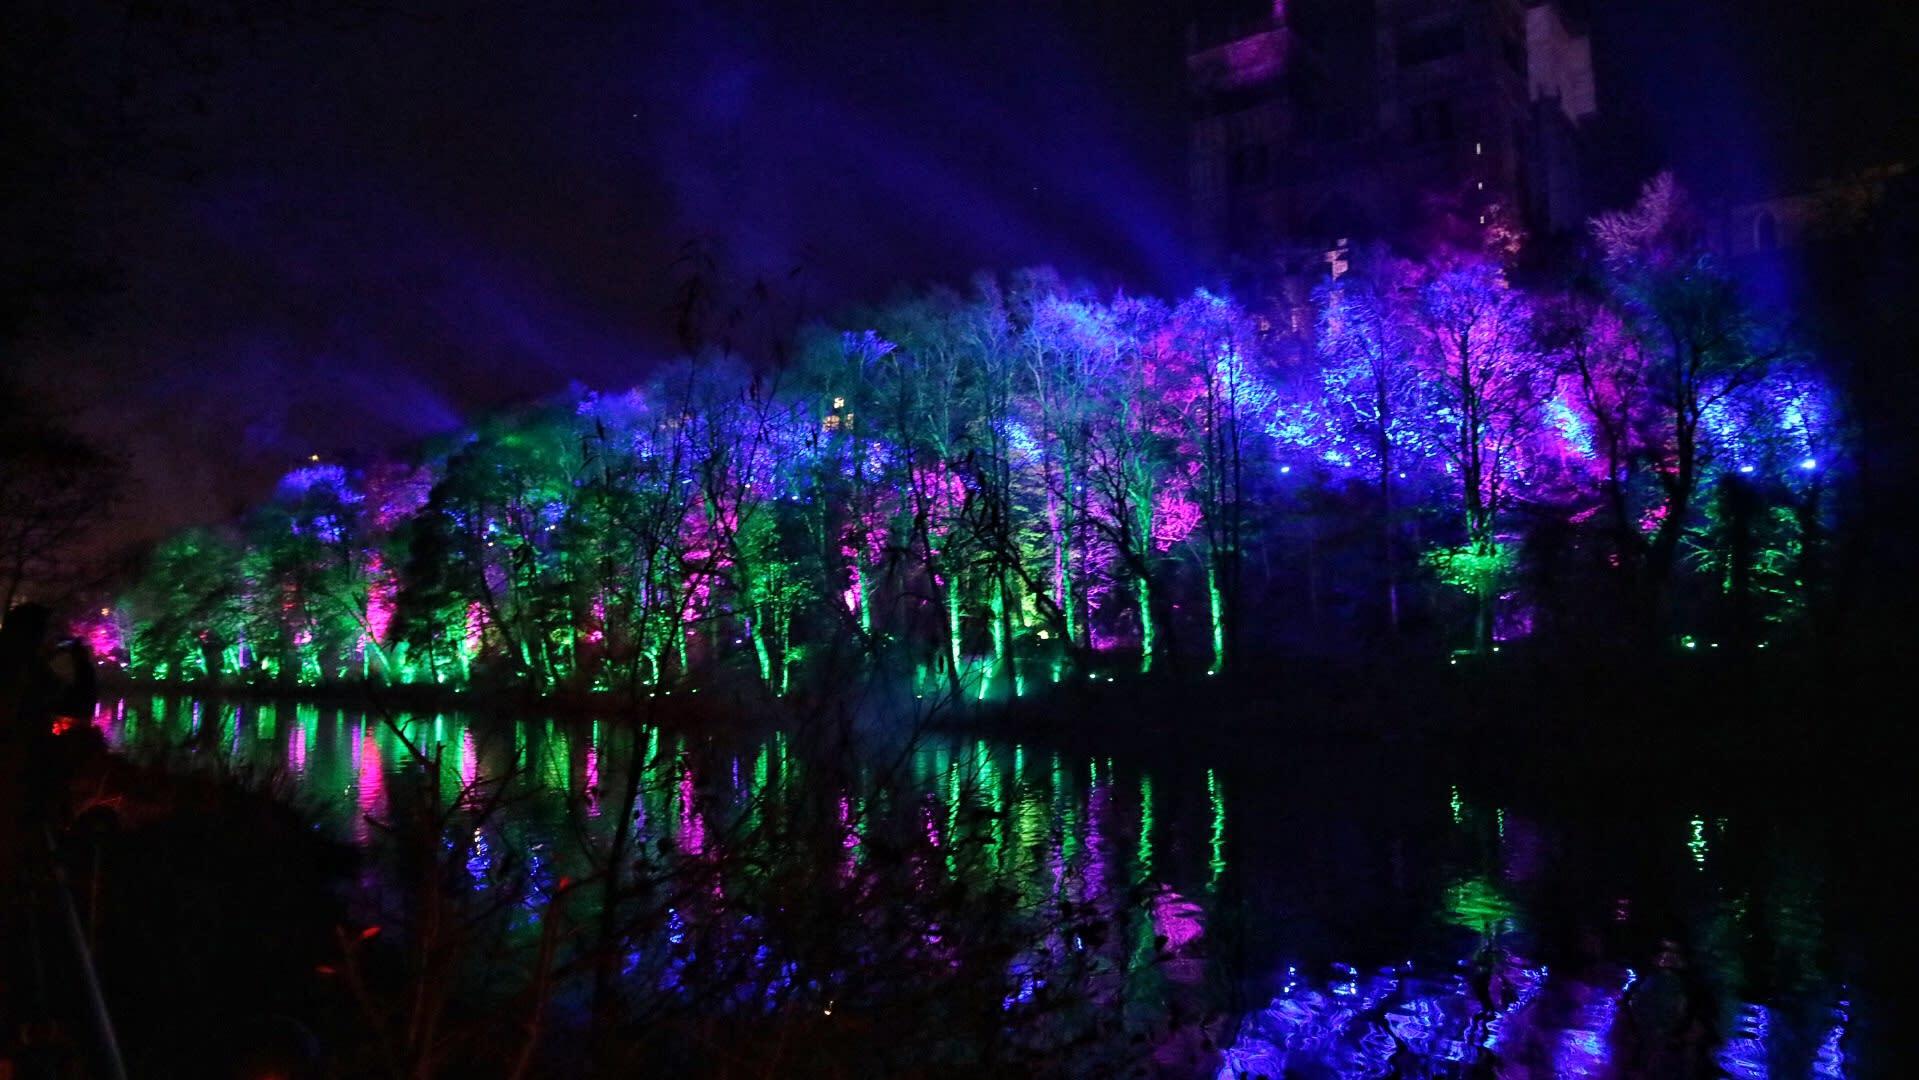 Lumiere中,每一道光都是作品,杜倫的河畔被光影映得浪漫!